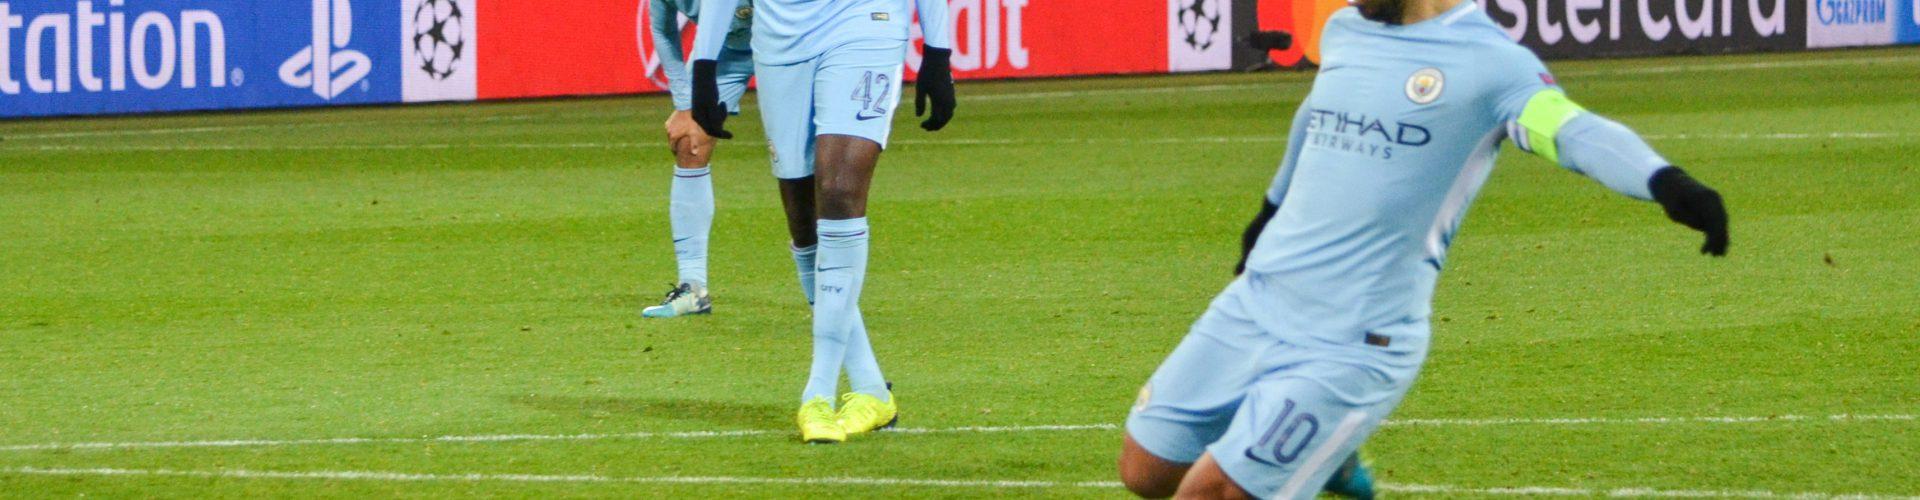 La Juve e l'affare Agüero: ecco come può anticipare la concorrenza del Barcellona